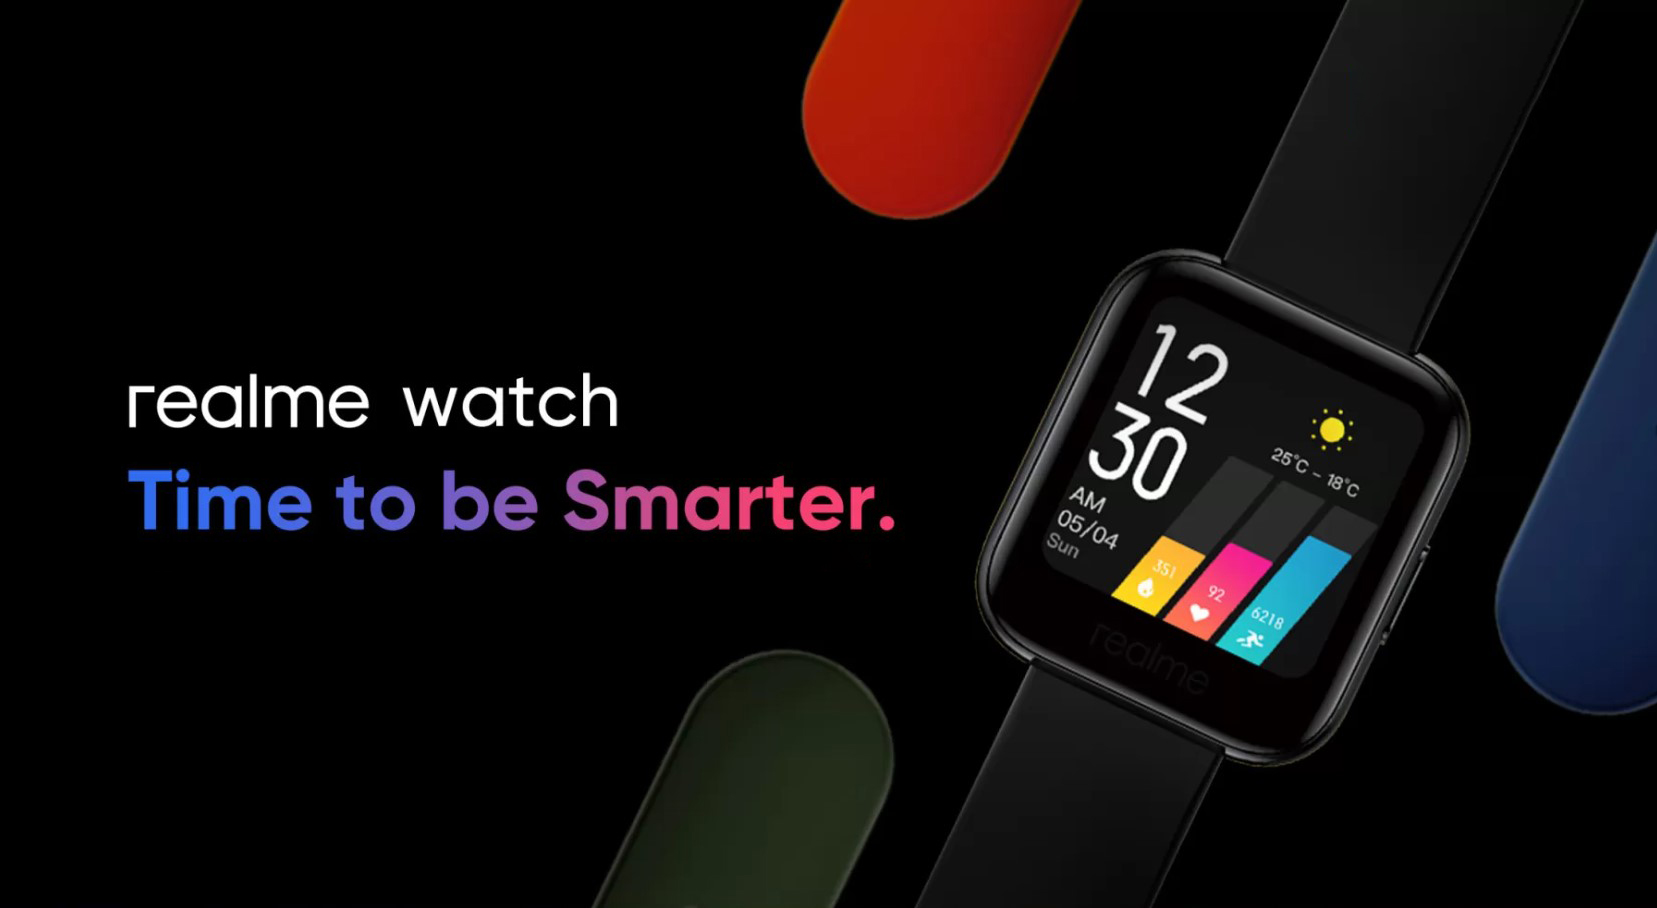 Chytré hodinky Realme Watch přichází na český trh [aktualizováno]